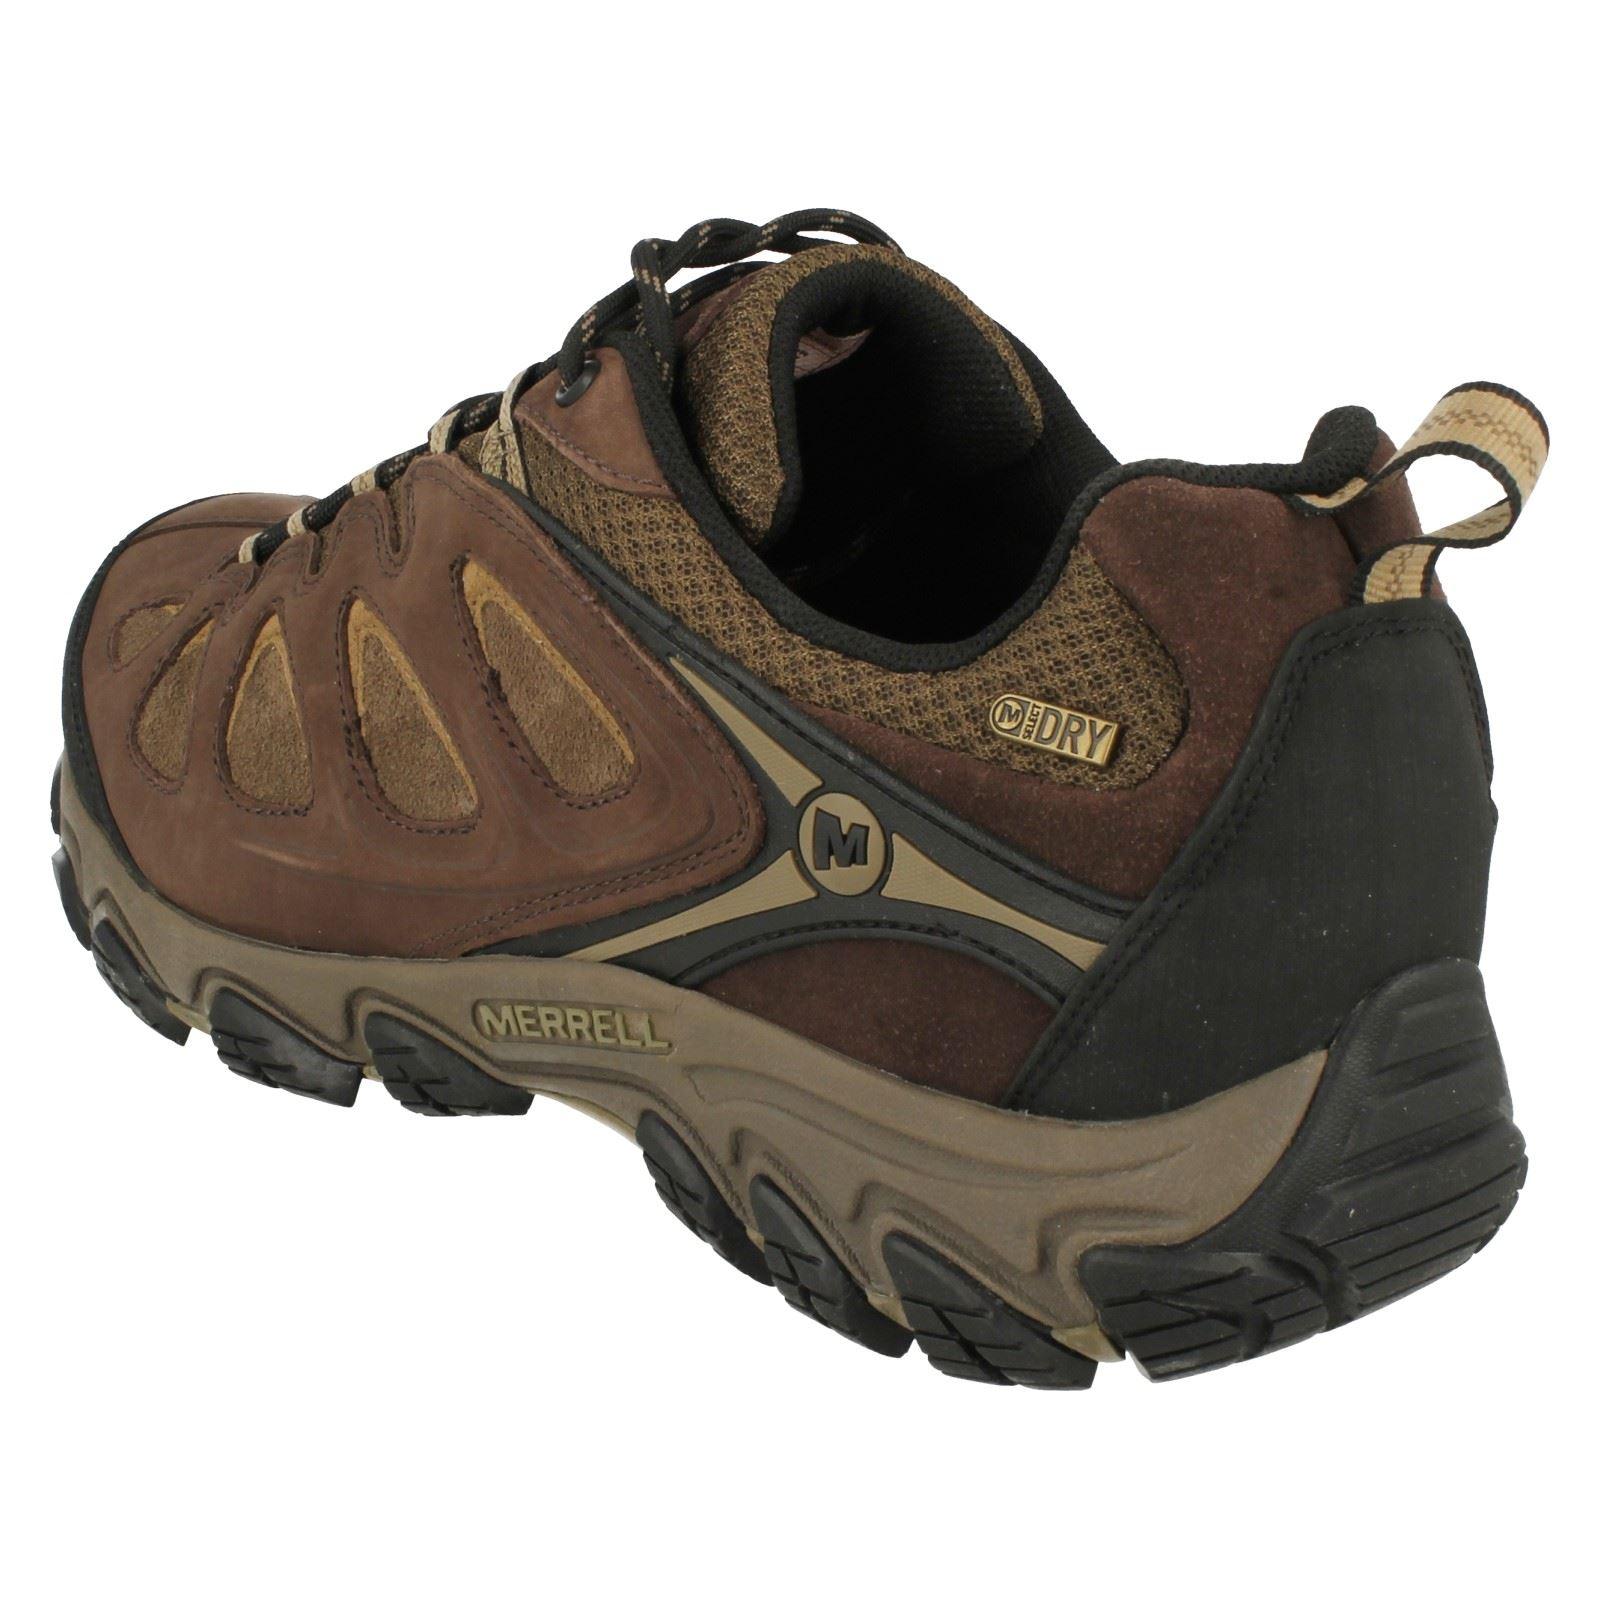 Merrell Homme Chaussures de marche-nourrirait Imperméable J24397